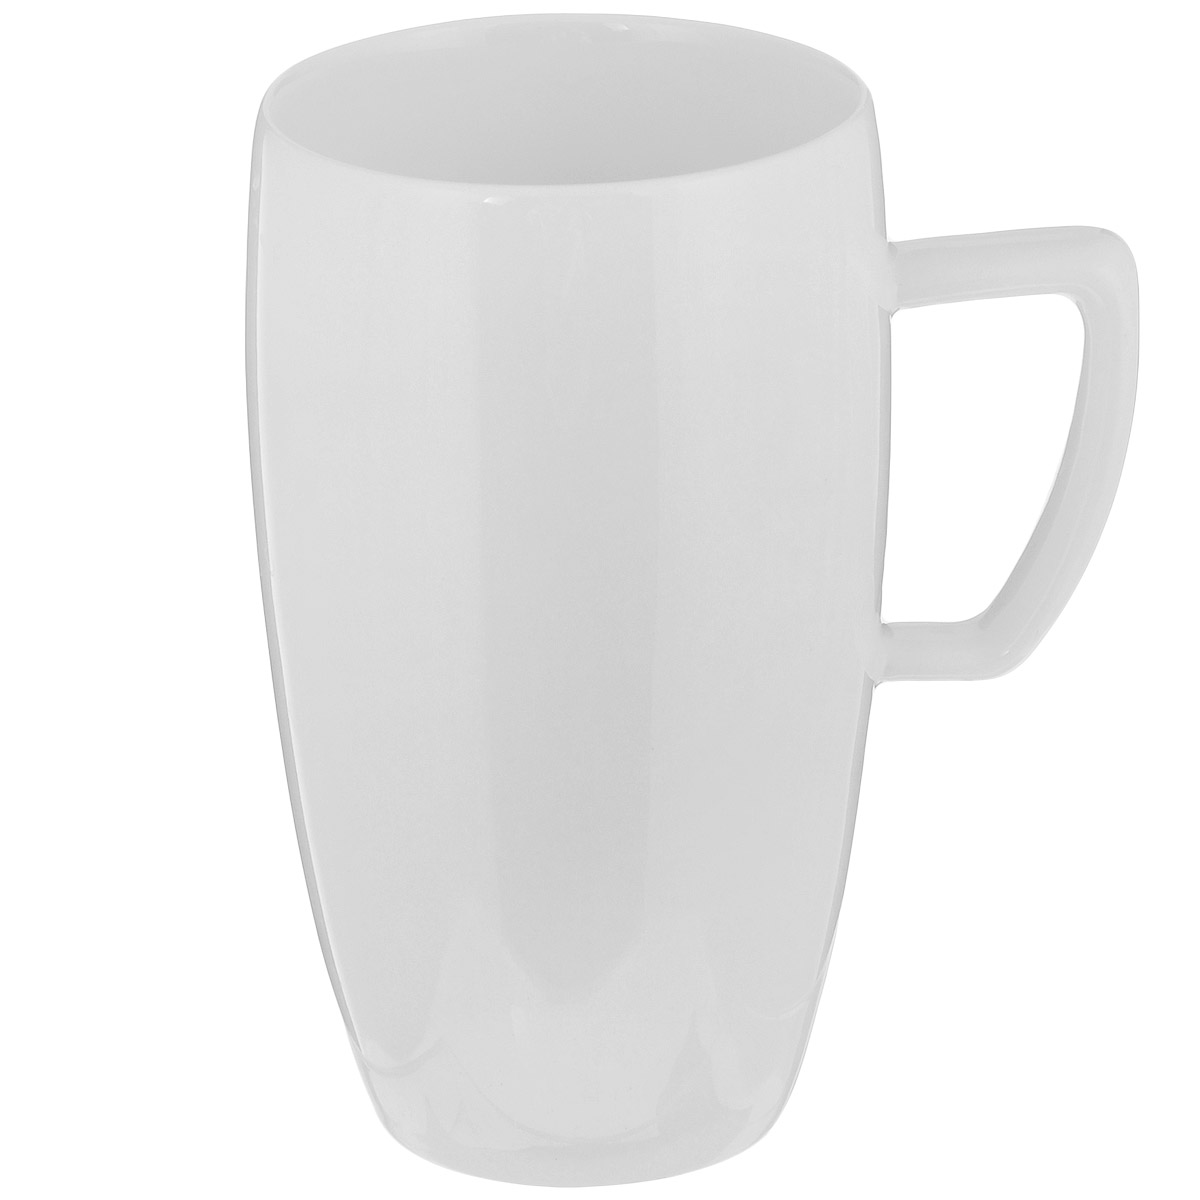 Чашка для кофе латте Tescoma Crema, 500 мл387136Чашка Tescoma Crema выполнена из высококачественного фарфора однотонного цвета и прекрасно подойдет для вашей кухни. Чашка изысканно украсит сервировку как обеденного, так и праздничного стола. Предназначена подачи кофе латте. Пригодна для использования в микроволновой печи. Можно мыть в посудомоечной машине.Диаметр по верхнему краю: 8 см.Высота: 14 см.Объем: 500 мл.